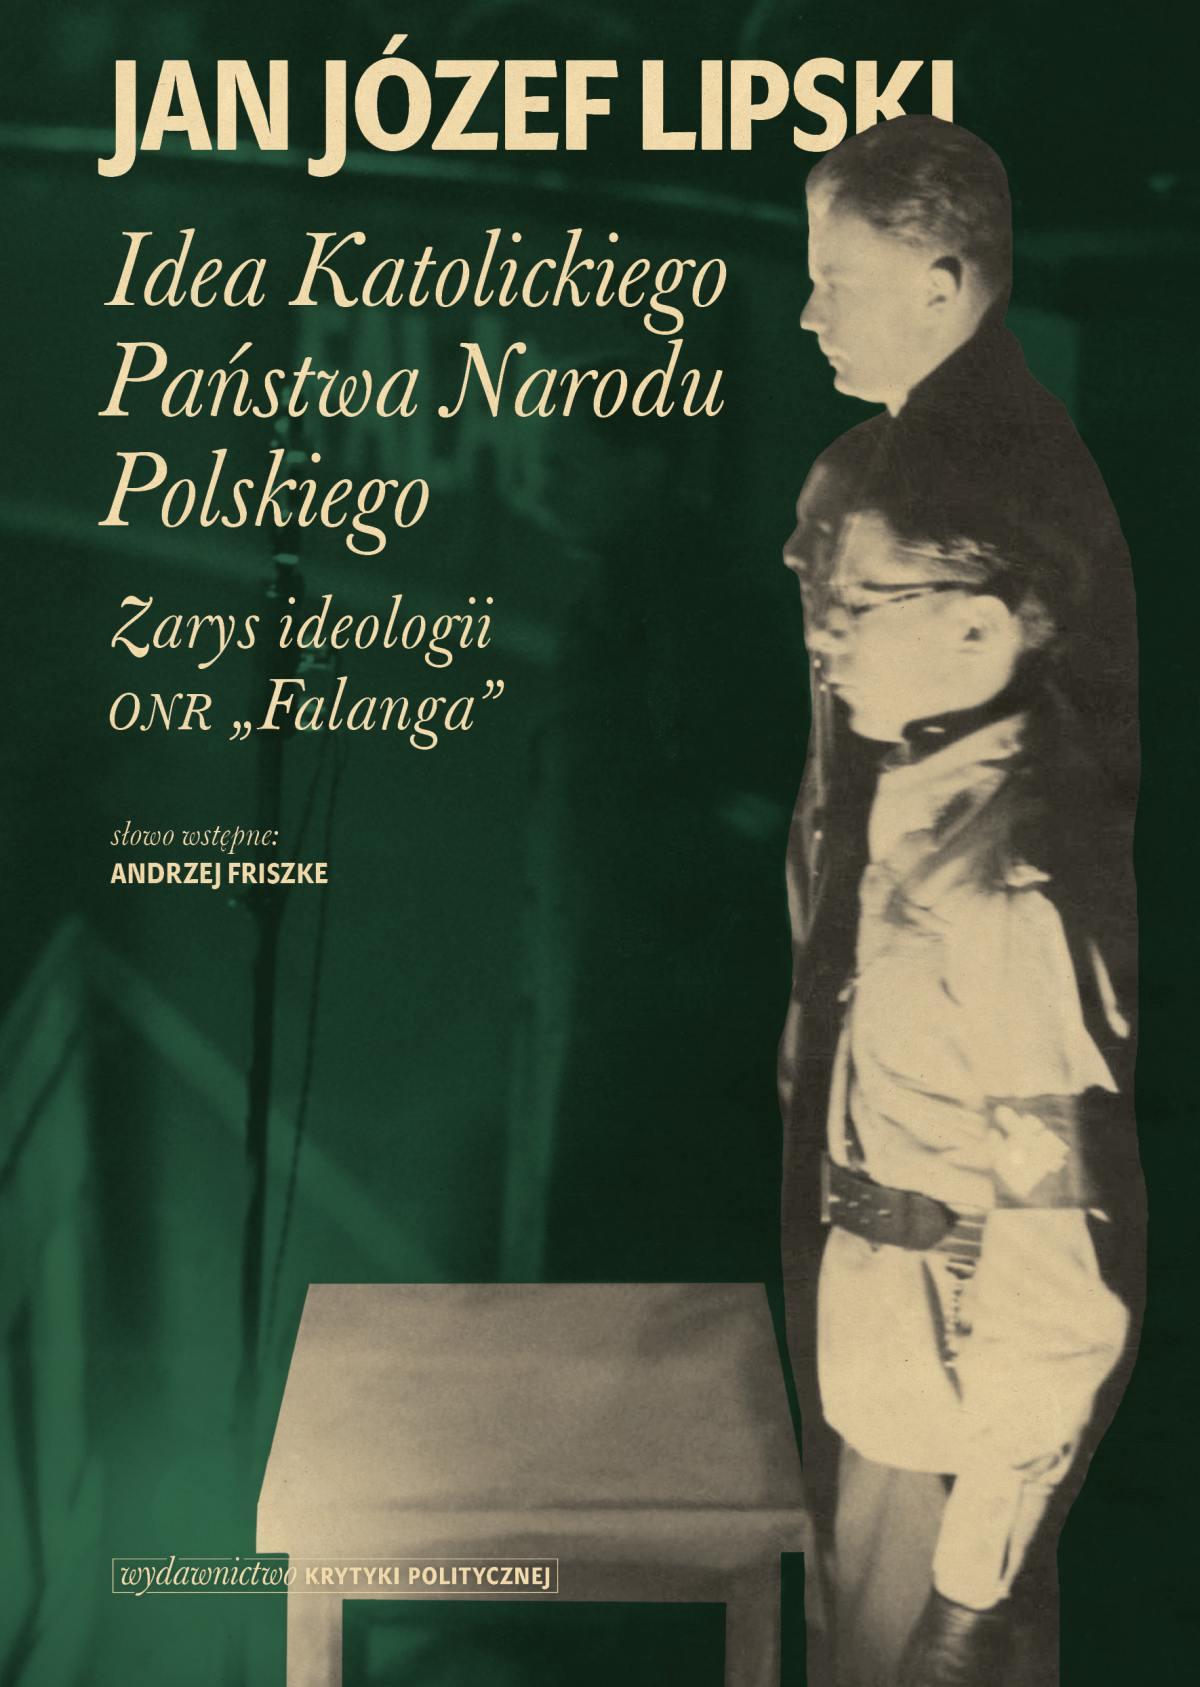 """Idea Katolickiego Państwa Narodu Polskiego. Zarys ideologii ONR """"Falanga"""" - Ebook (Książka EPUB) do pobrania w formacie EPUB"""